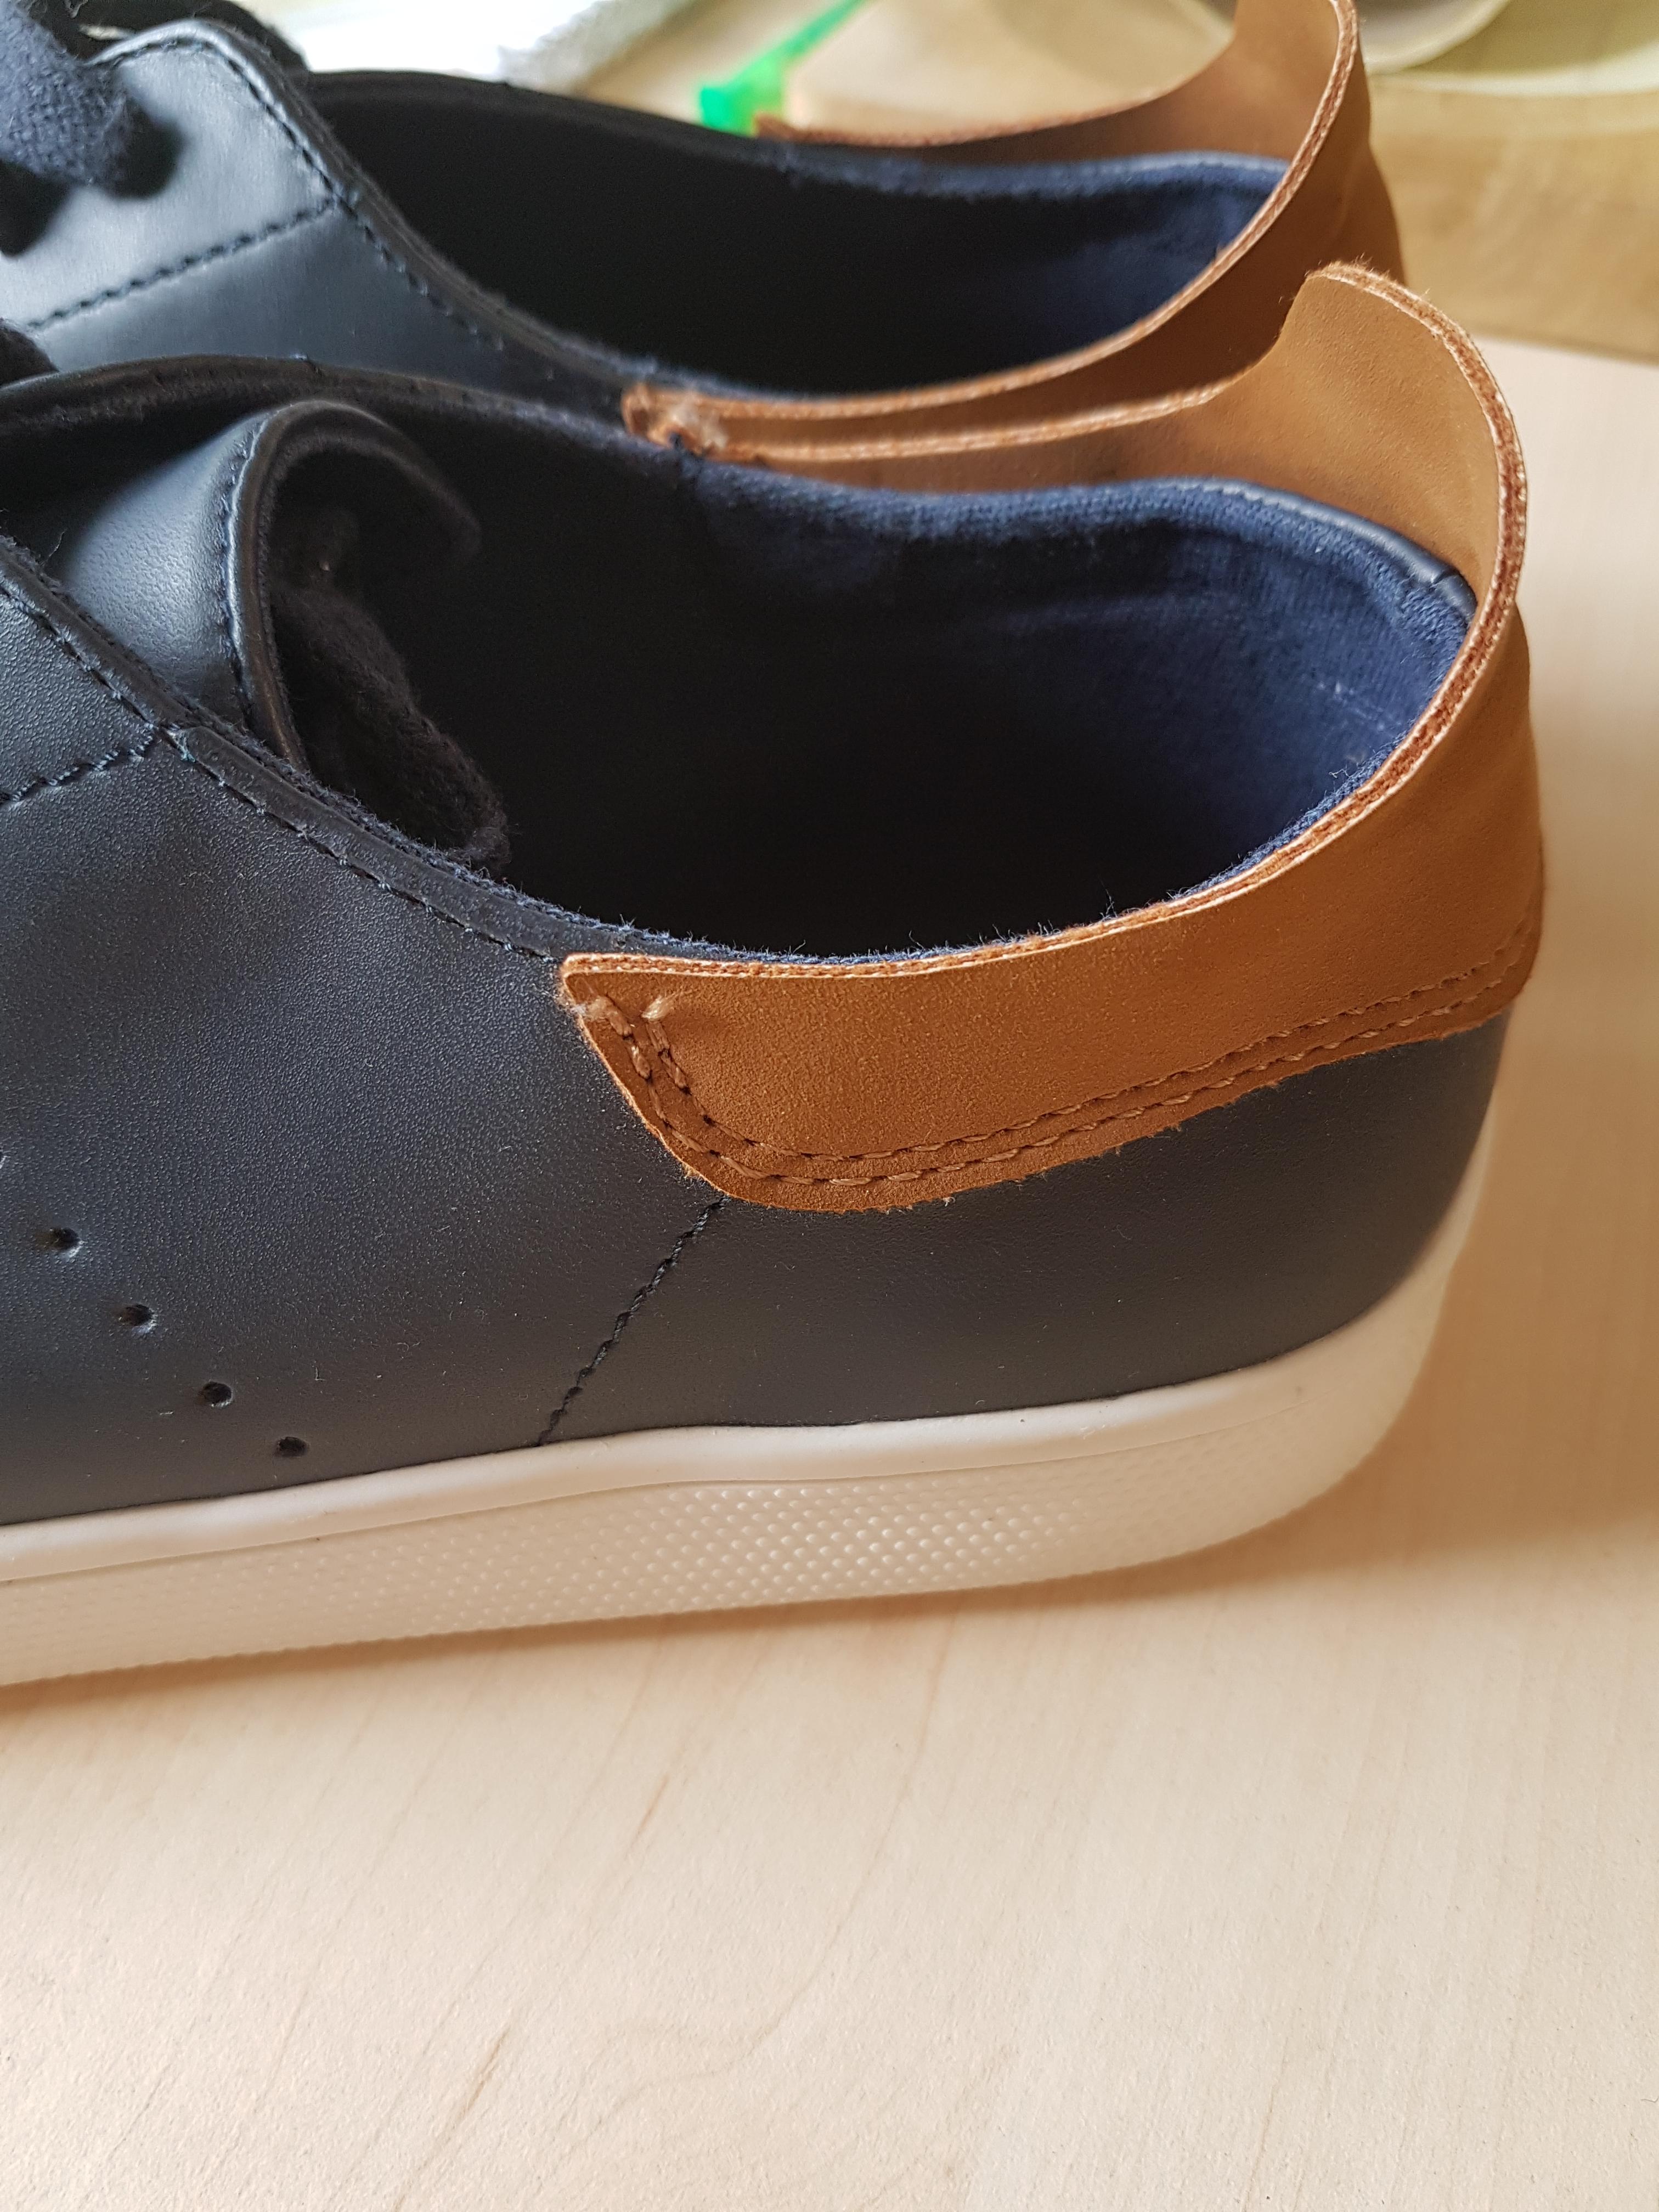 Sportinio stiliaus laisvalaikio vyriški batai, Primark, iš šono